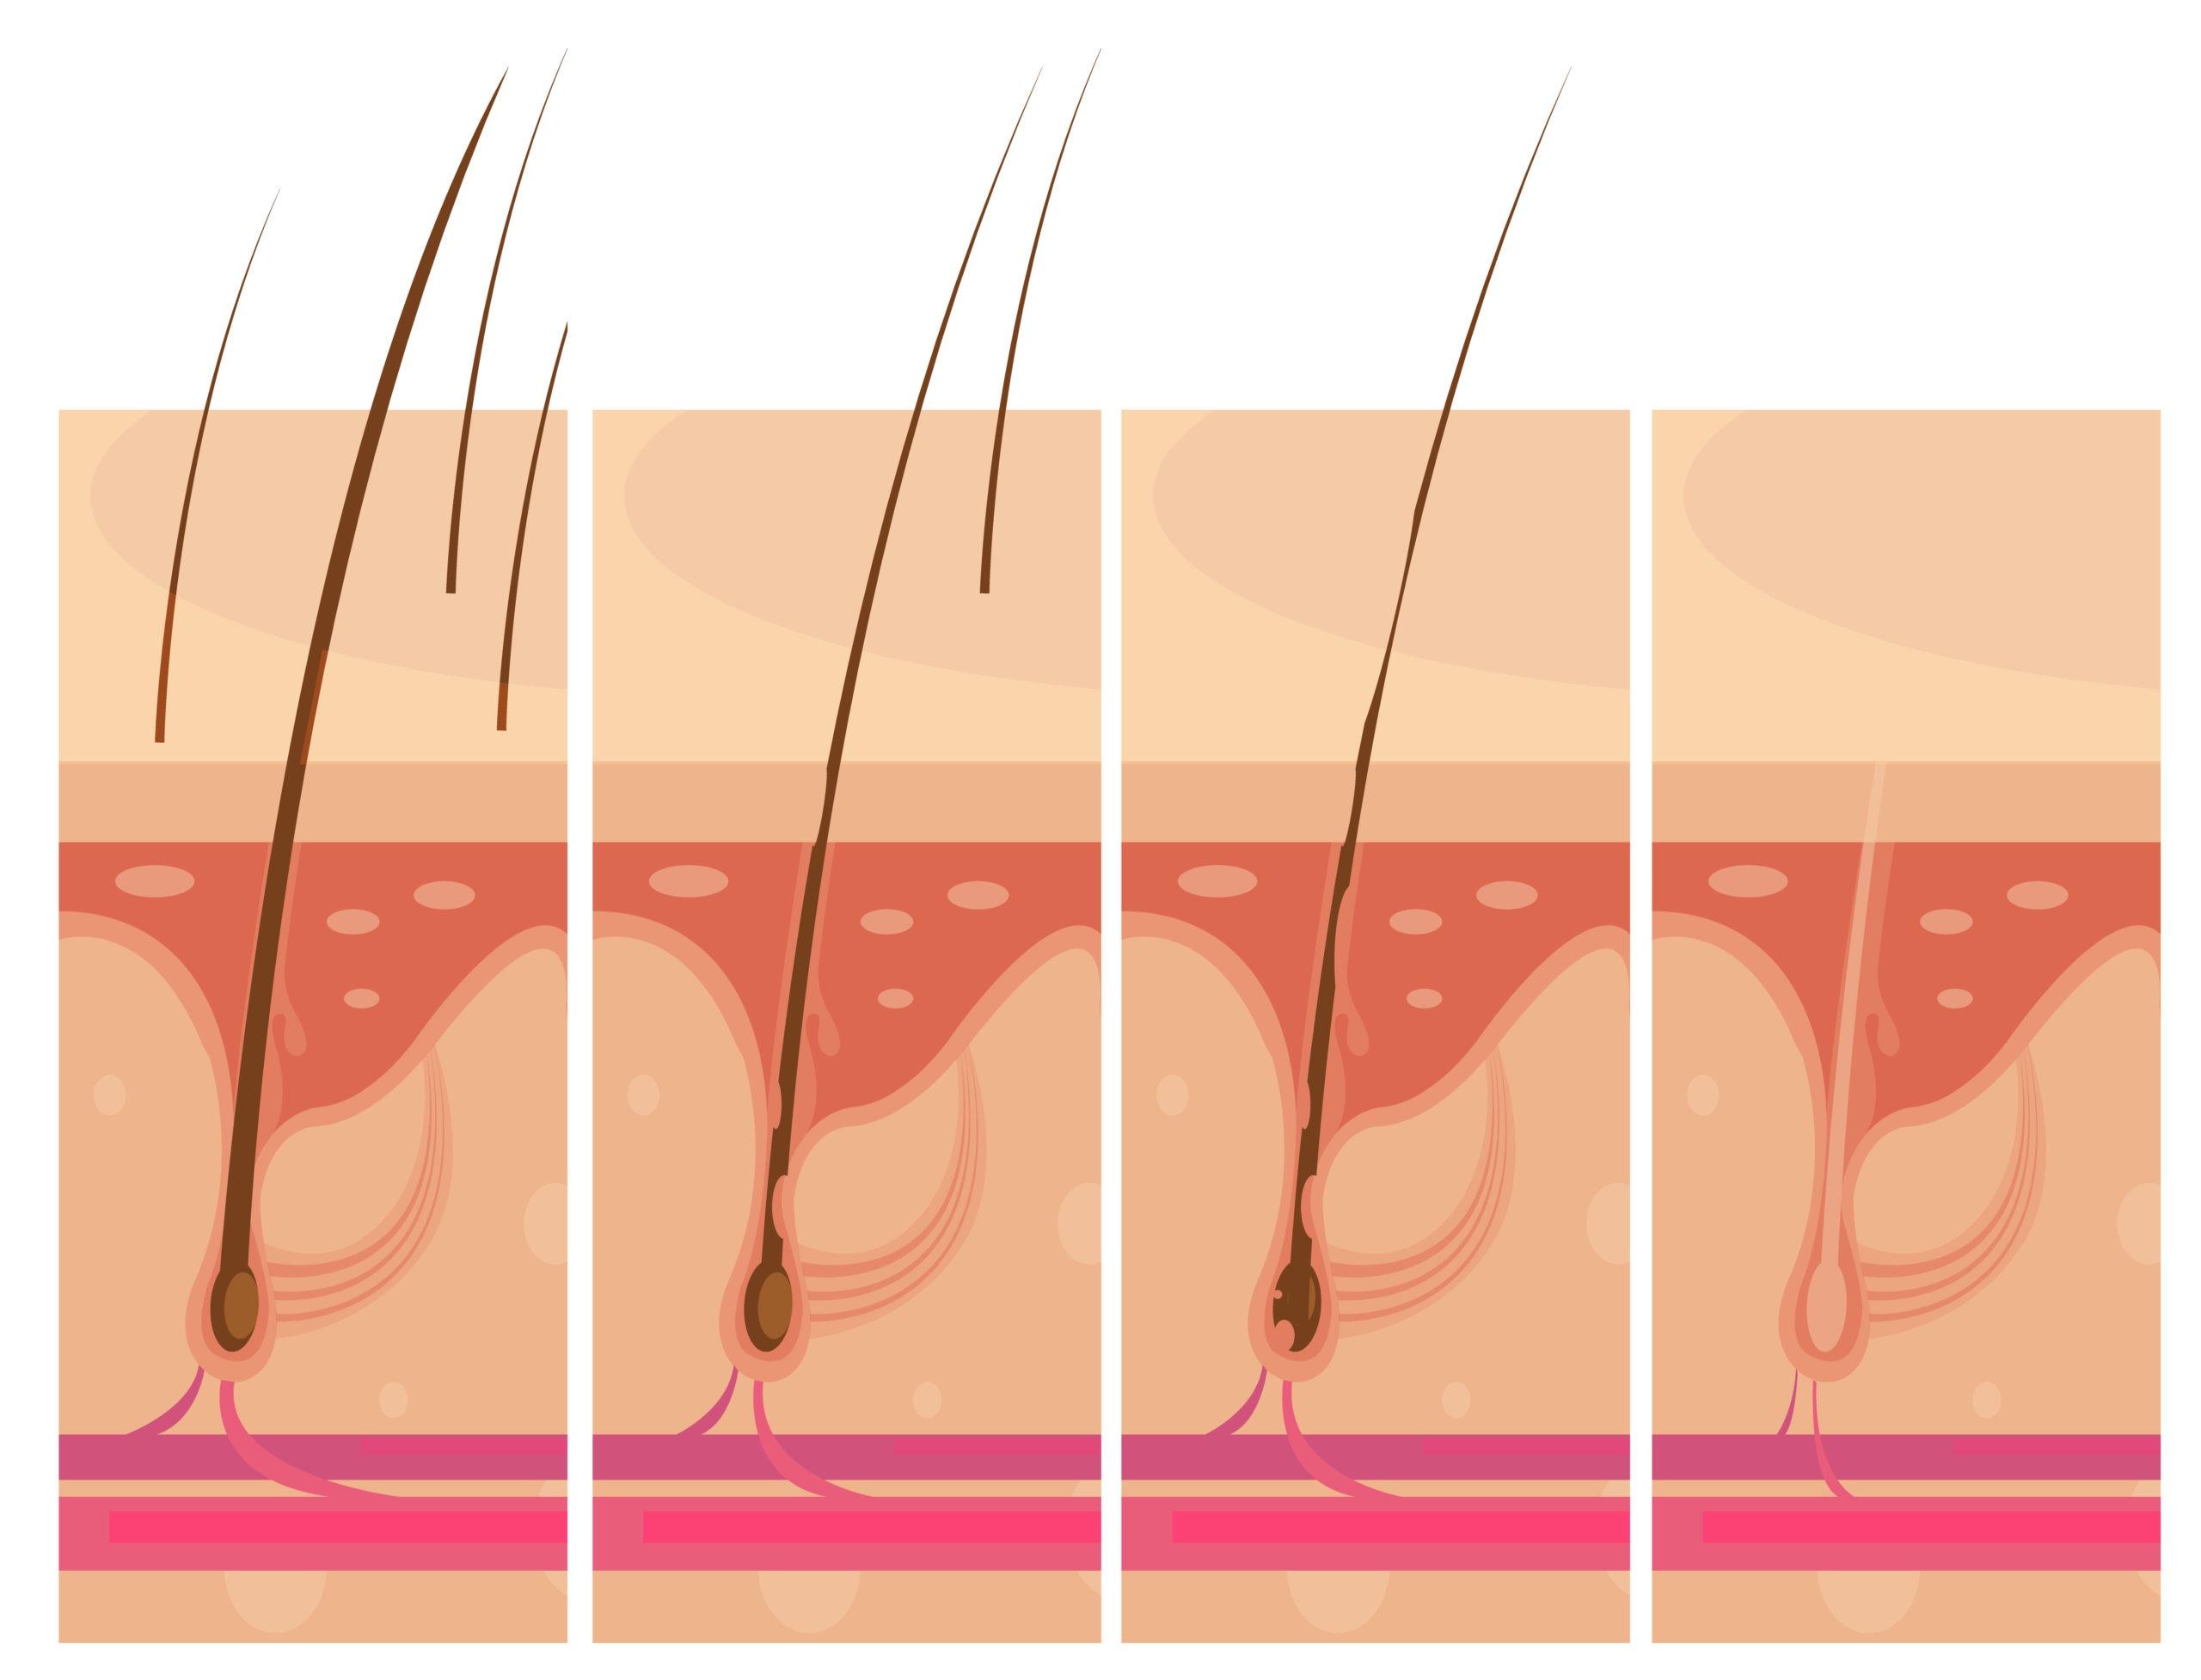 Los folículos pilosos pueden ser obstruidos por células muertas.